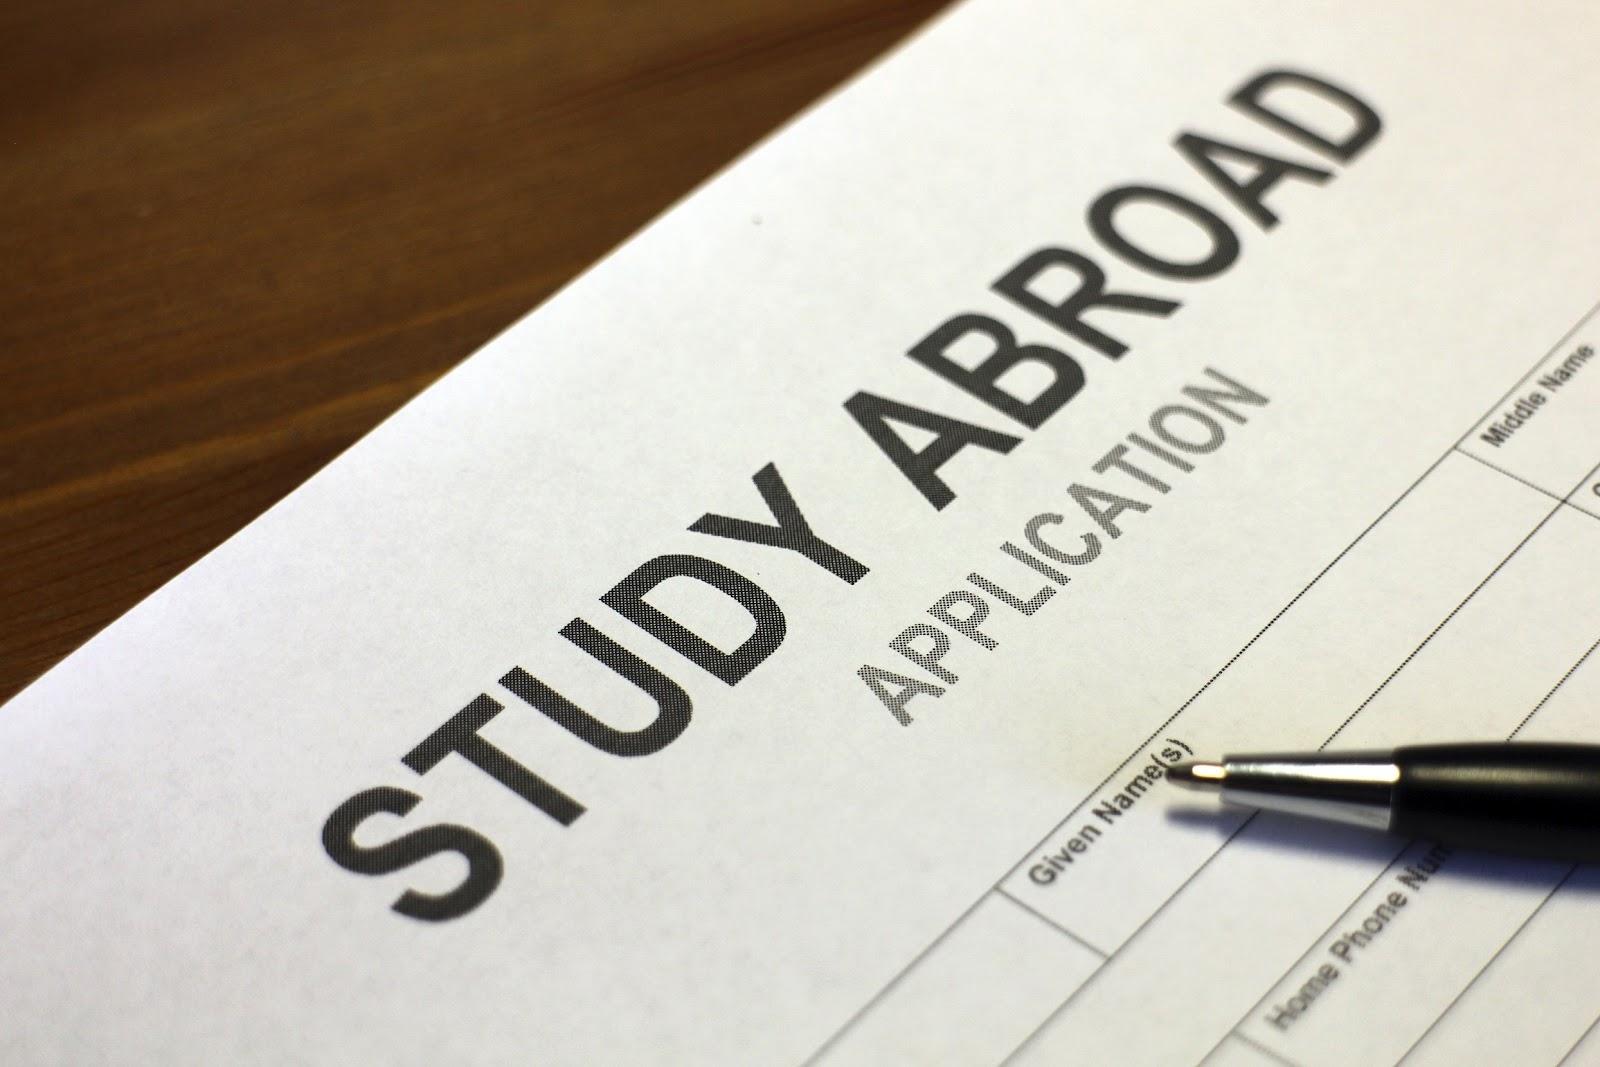 Bạn cần chuẩn bị hồ sơ xin visa cư trú trước khi đi du học điều dưỡng tại Đức